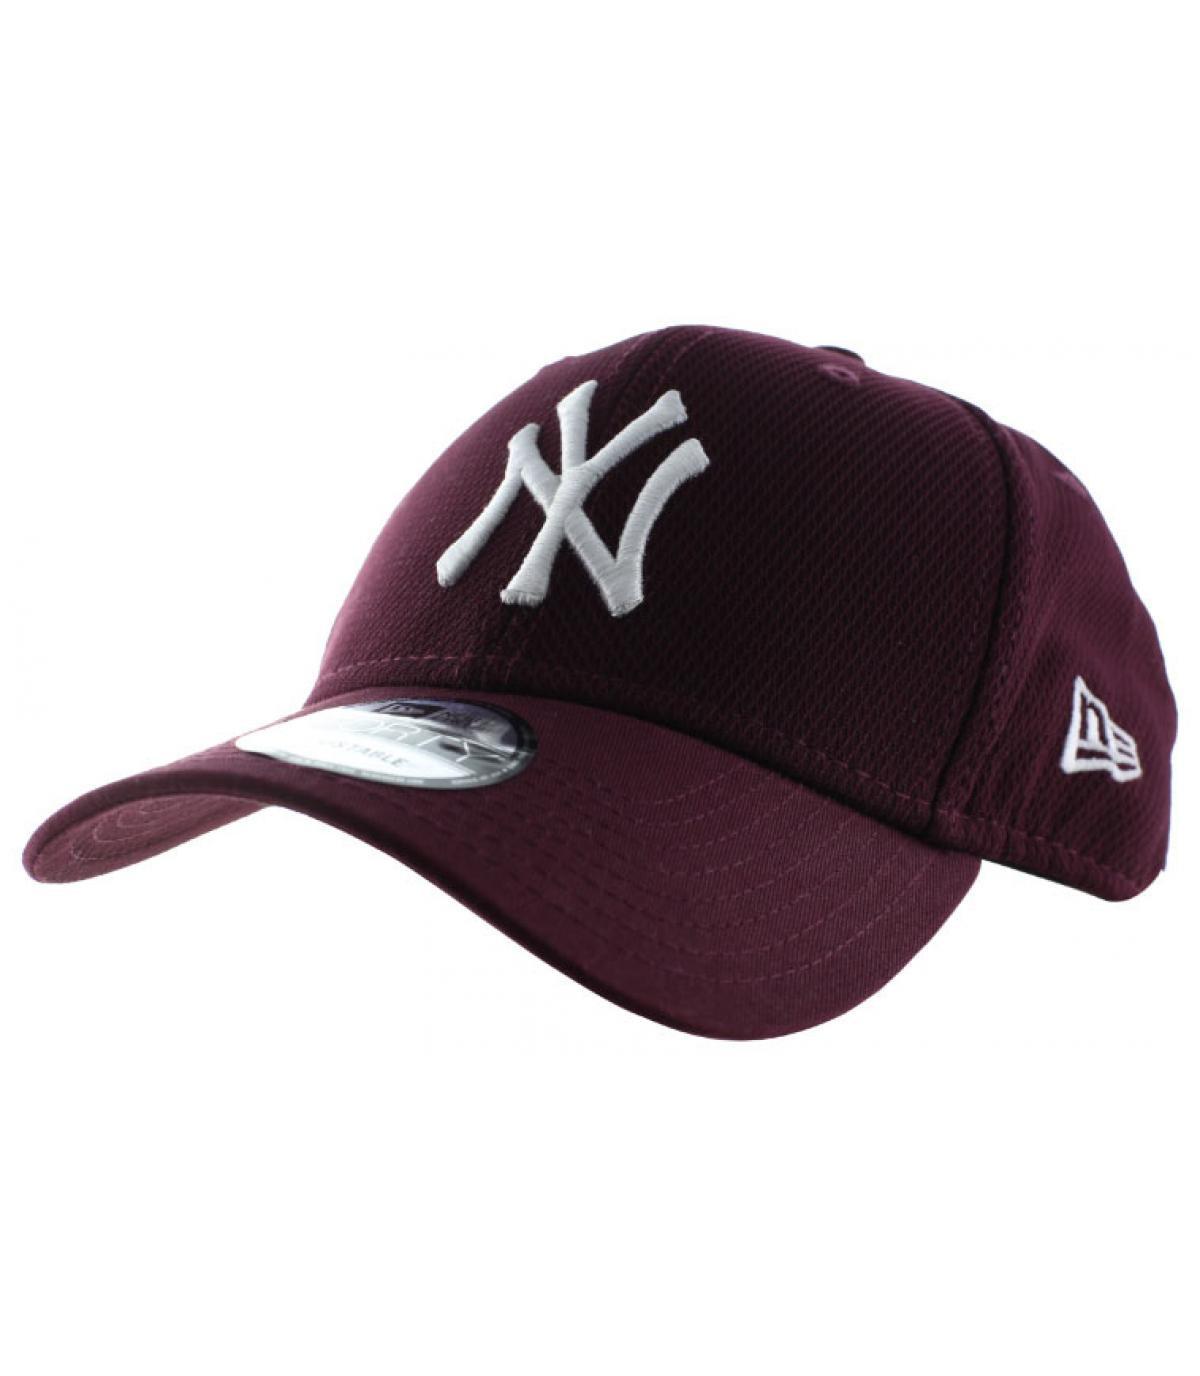 74543017 burgundy NY diamond cap - Diamond Era Ess NY maroon by New Era. Headict